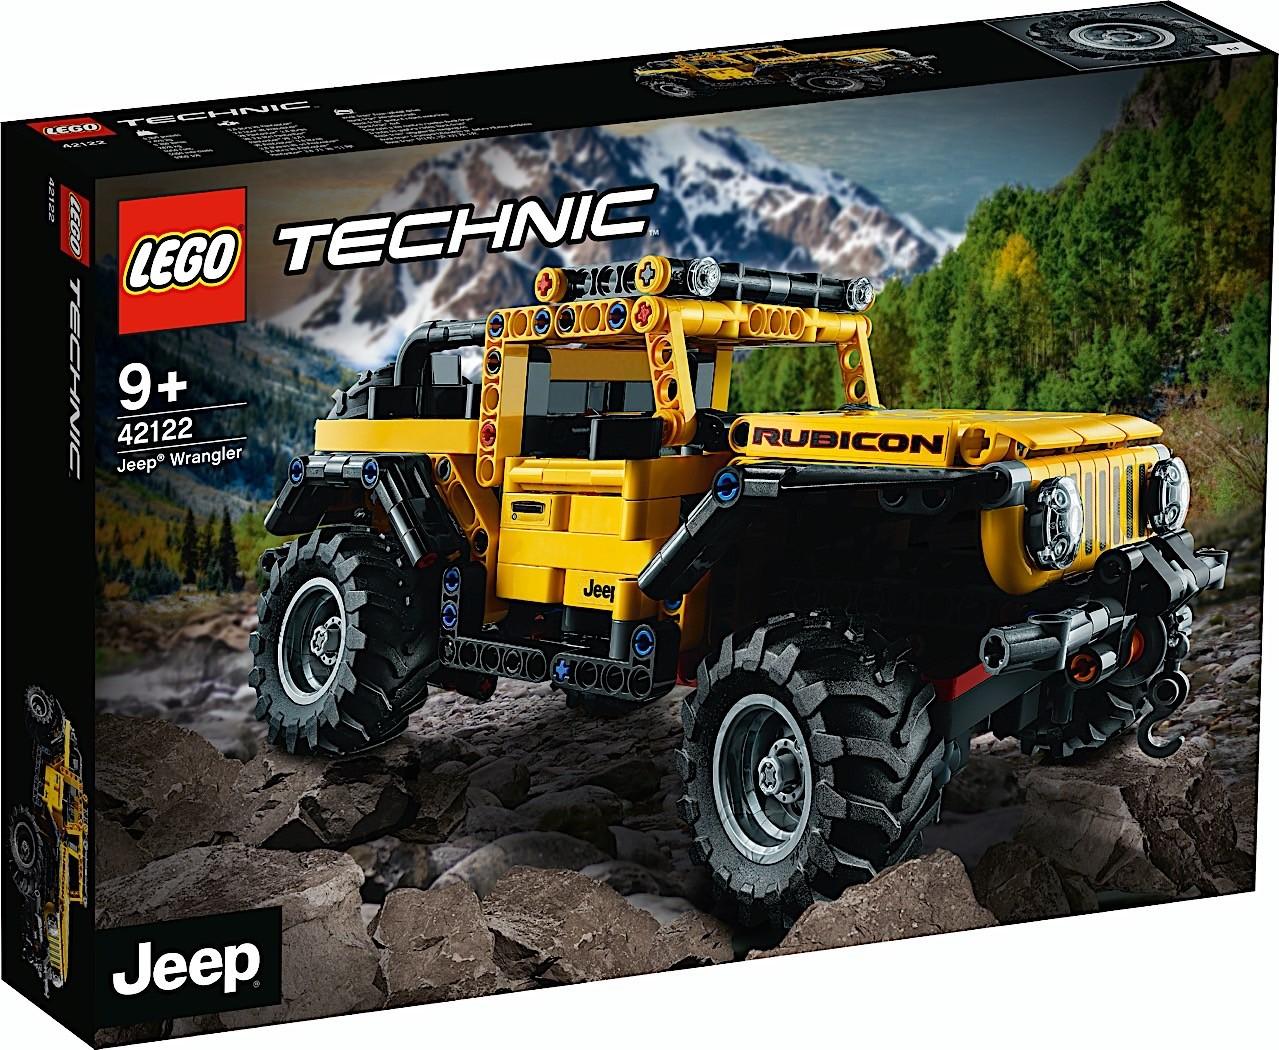 Lego-Technic-Jeep-Wrangler-Rubicon-5